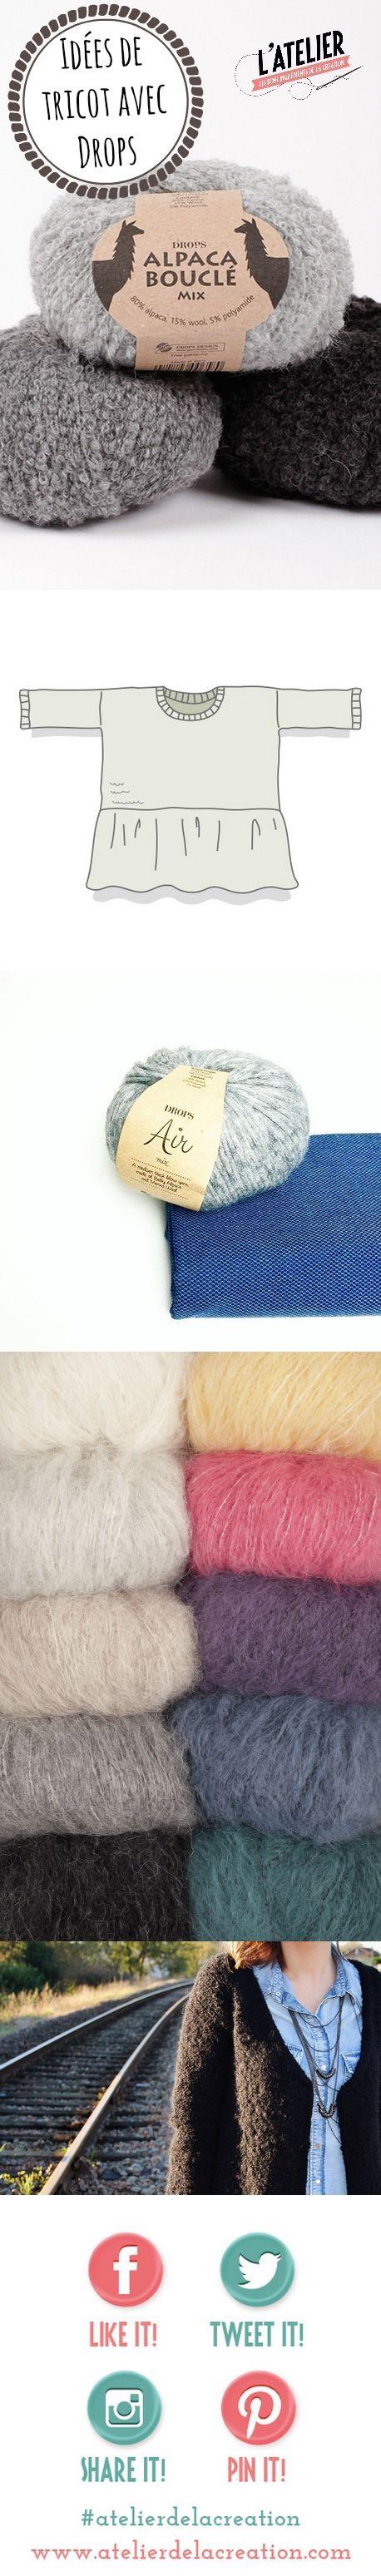 Tricot avec Drops modeles tricot de créatrices indépendantes - Blog Atelier de la Création